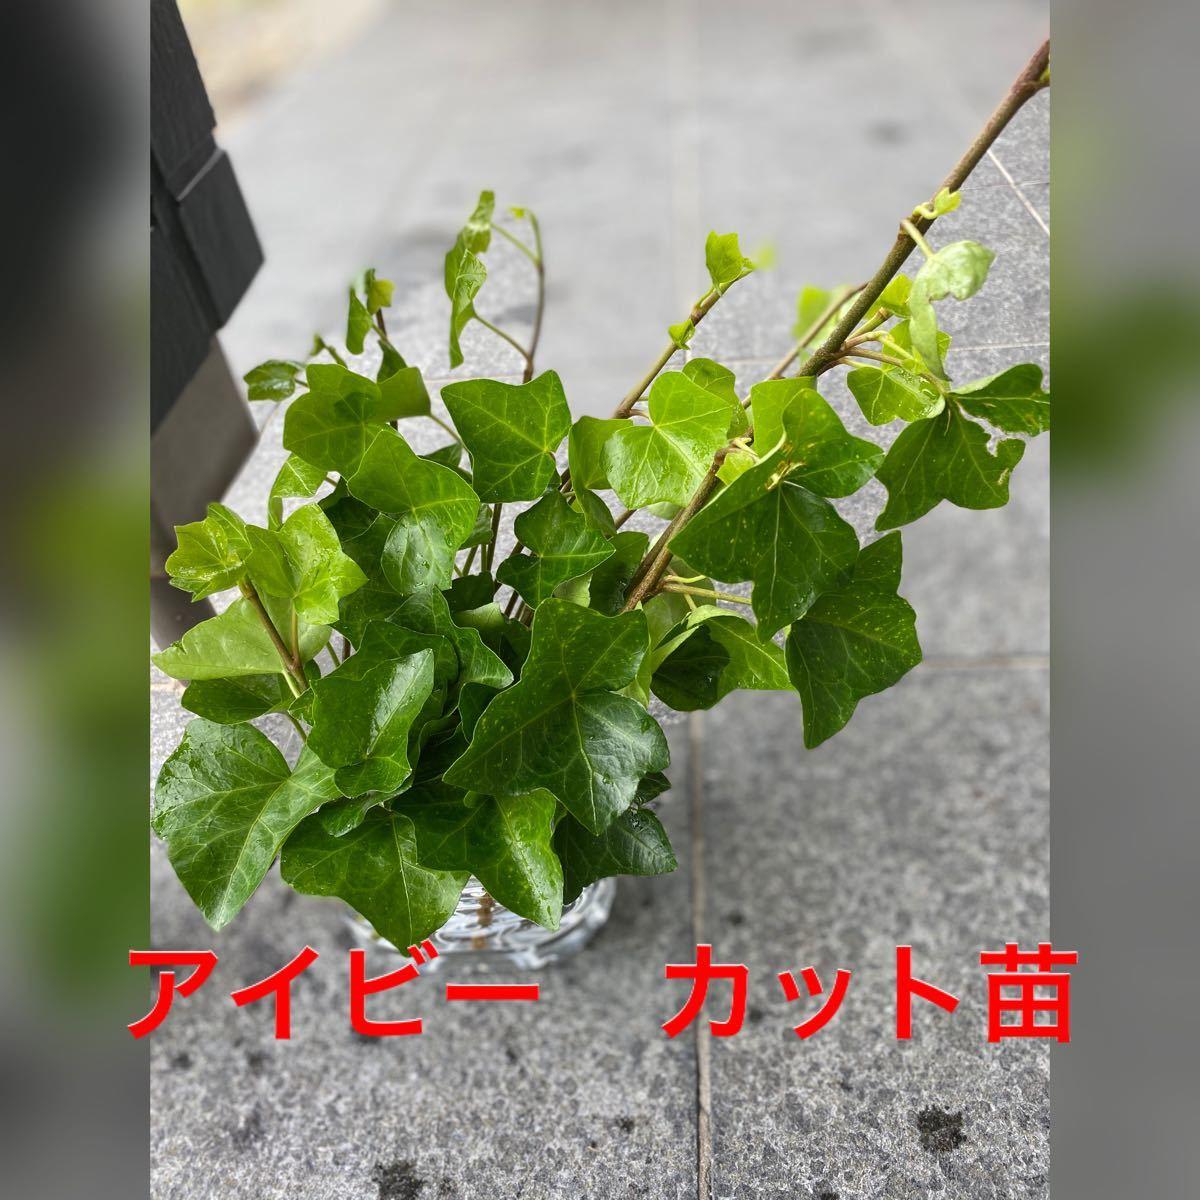 二種 エゴノキ 幼苗とアイビーのカット苗 プライバシー発送